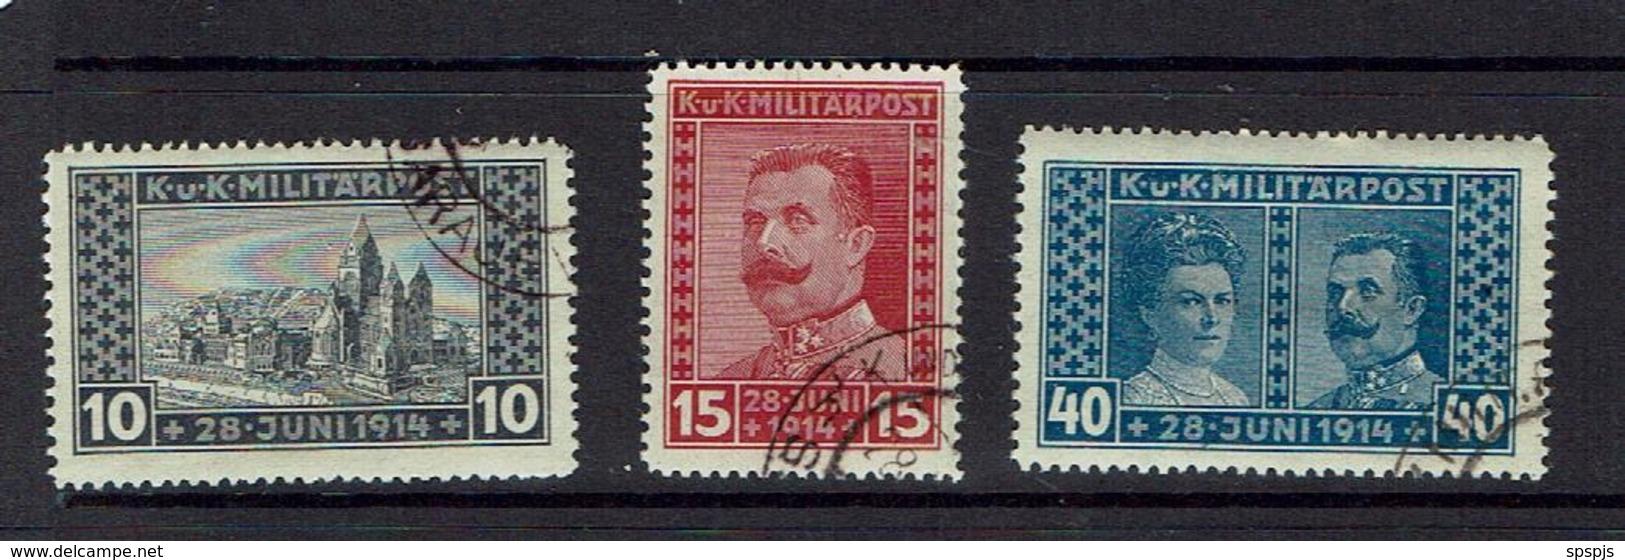 BOSNIA AND HERZEGOVINA....used...1917 - Bosnia And Herzegovina